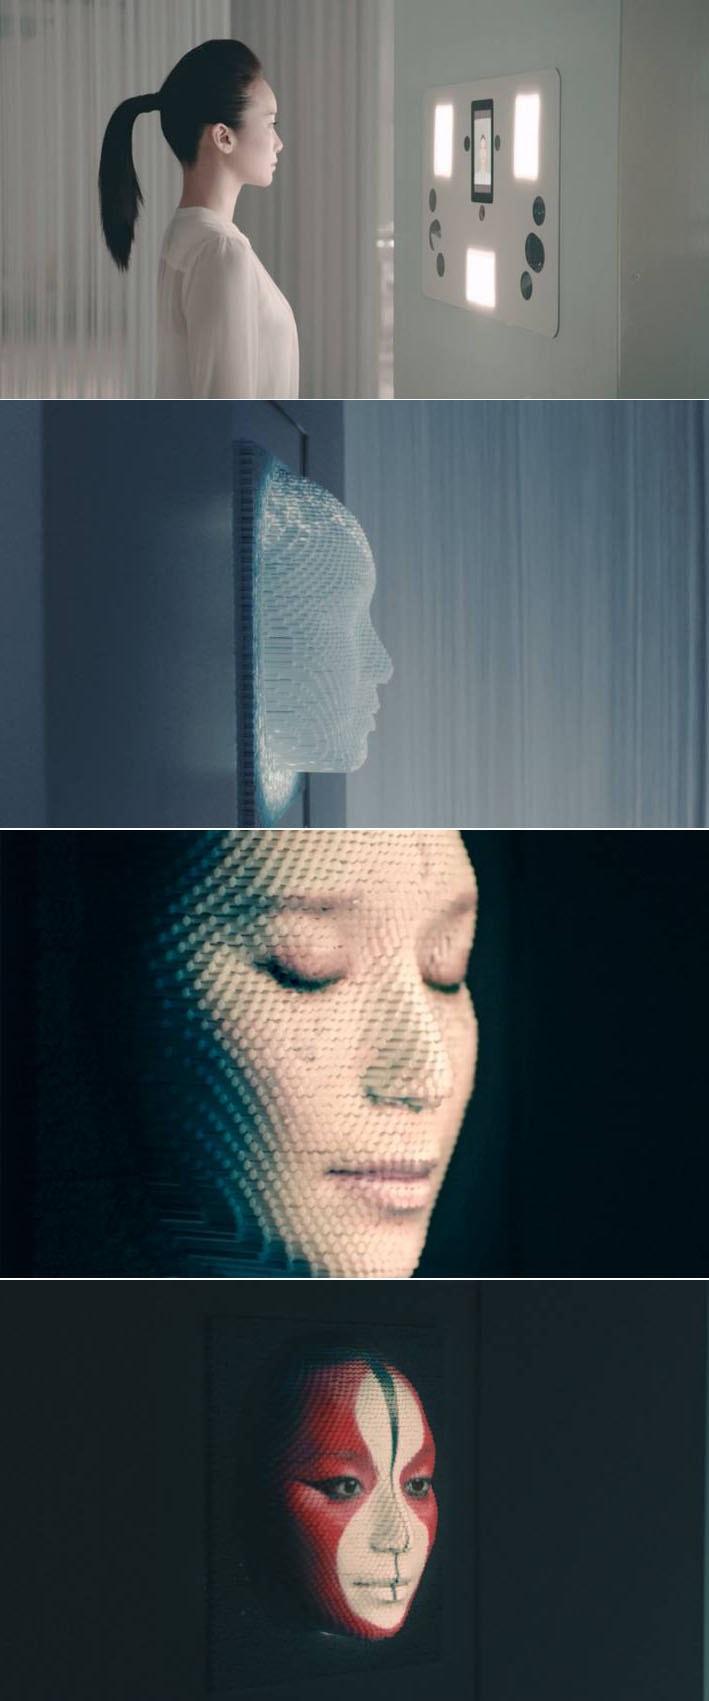 O artista Nobumichi Asai utiliza 5.000 varas motorizadas para recriar um rosto em 3D stylo urbano